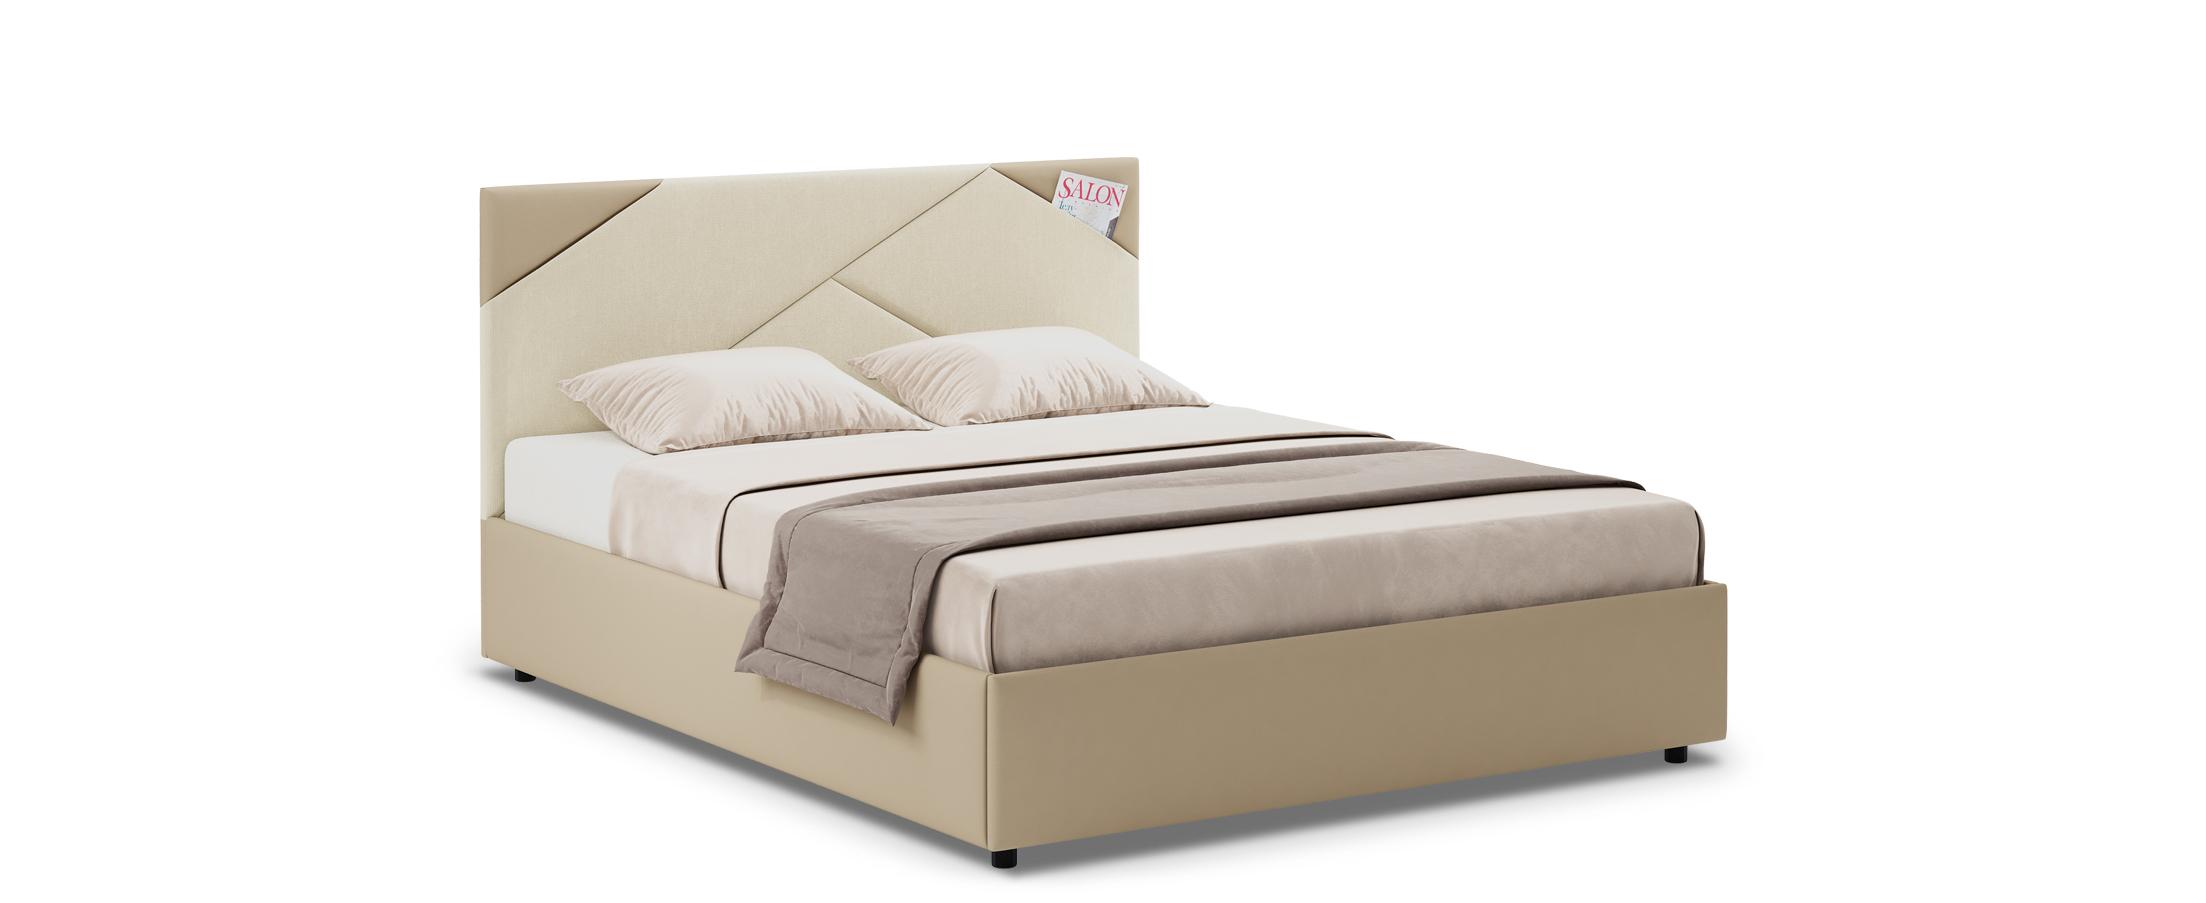 Кровать двуспальная Альба 180х200 Модель 1206